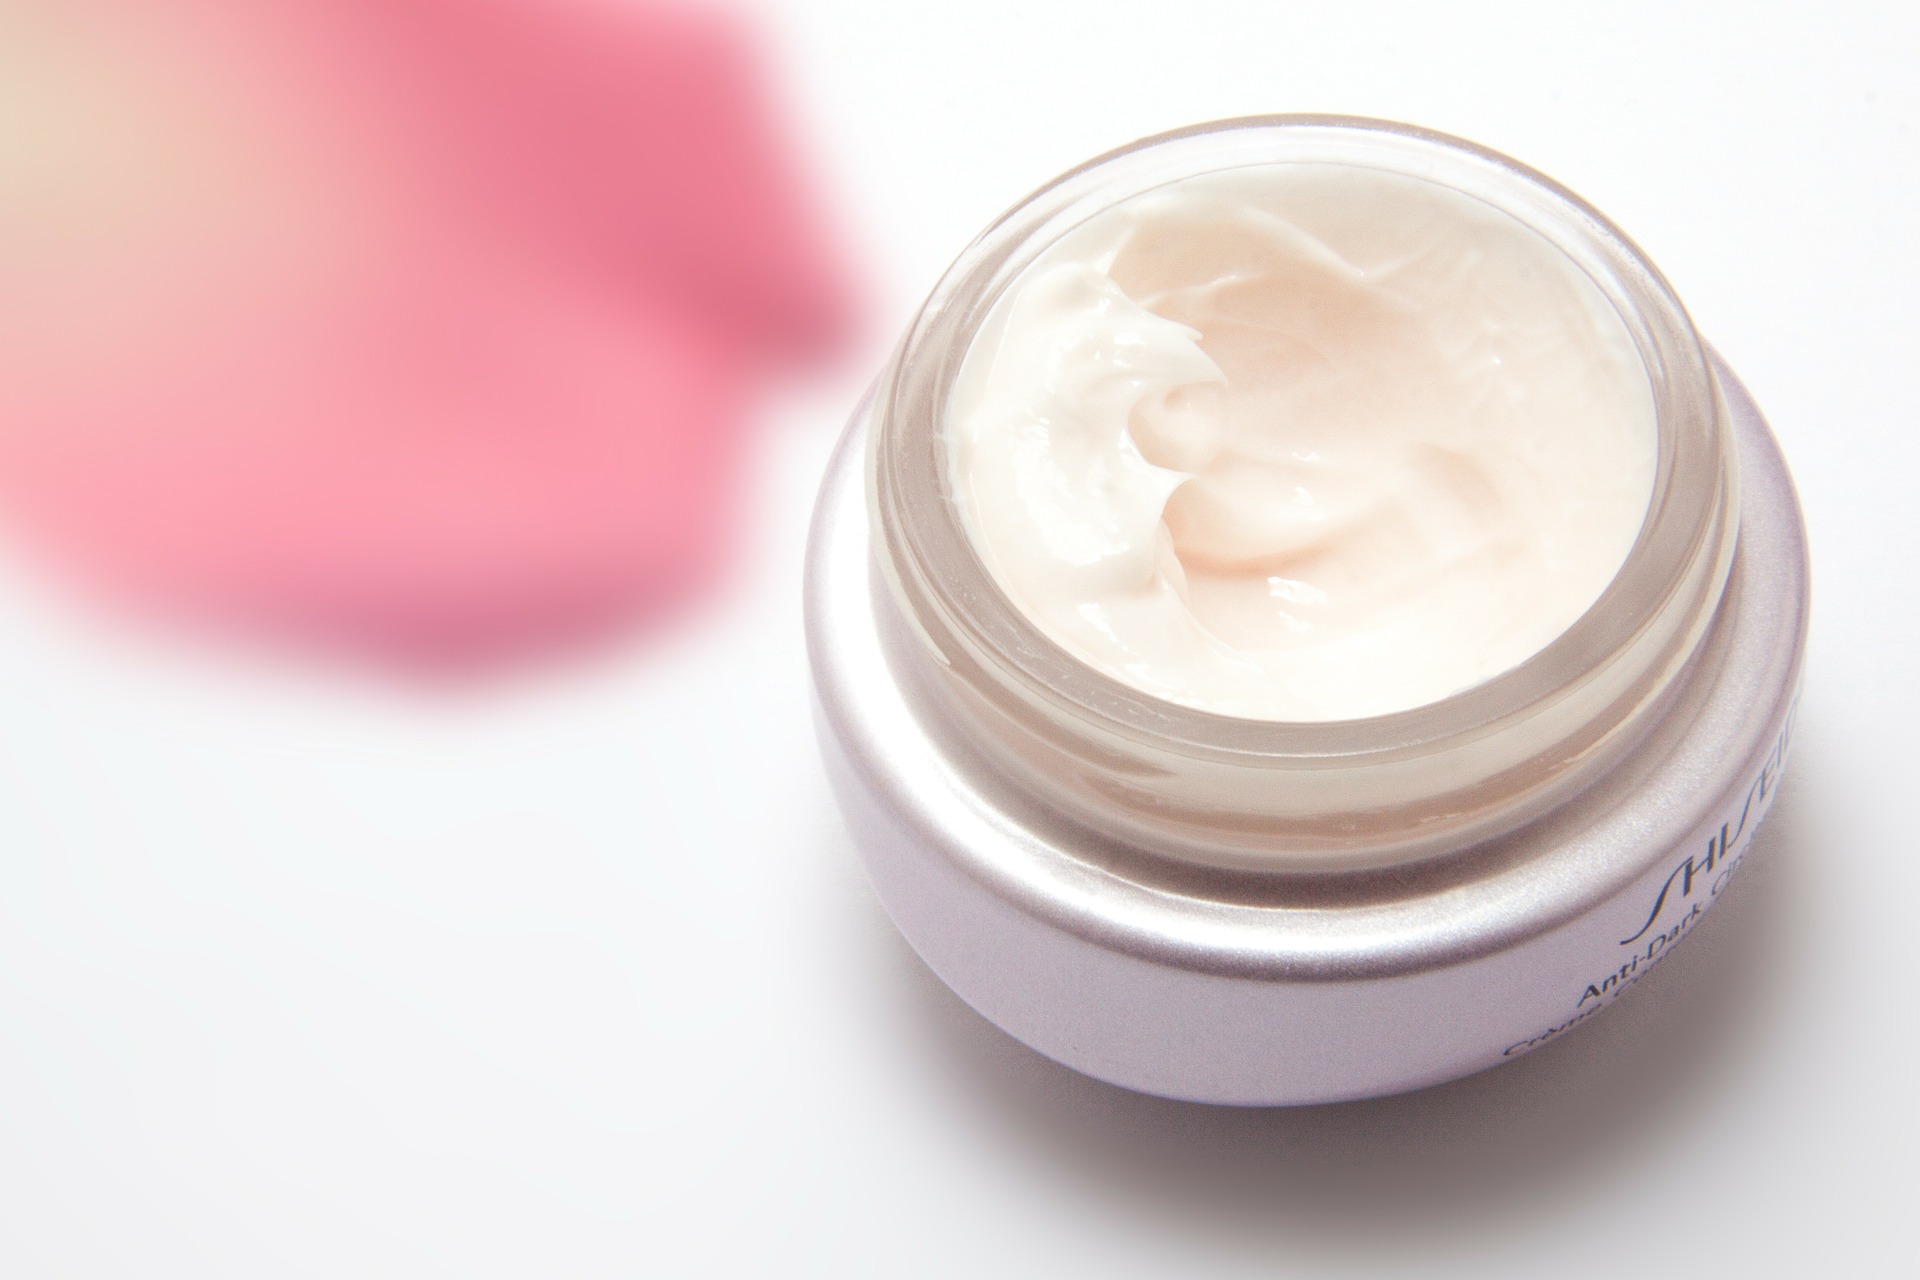 Beste huidproducten